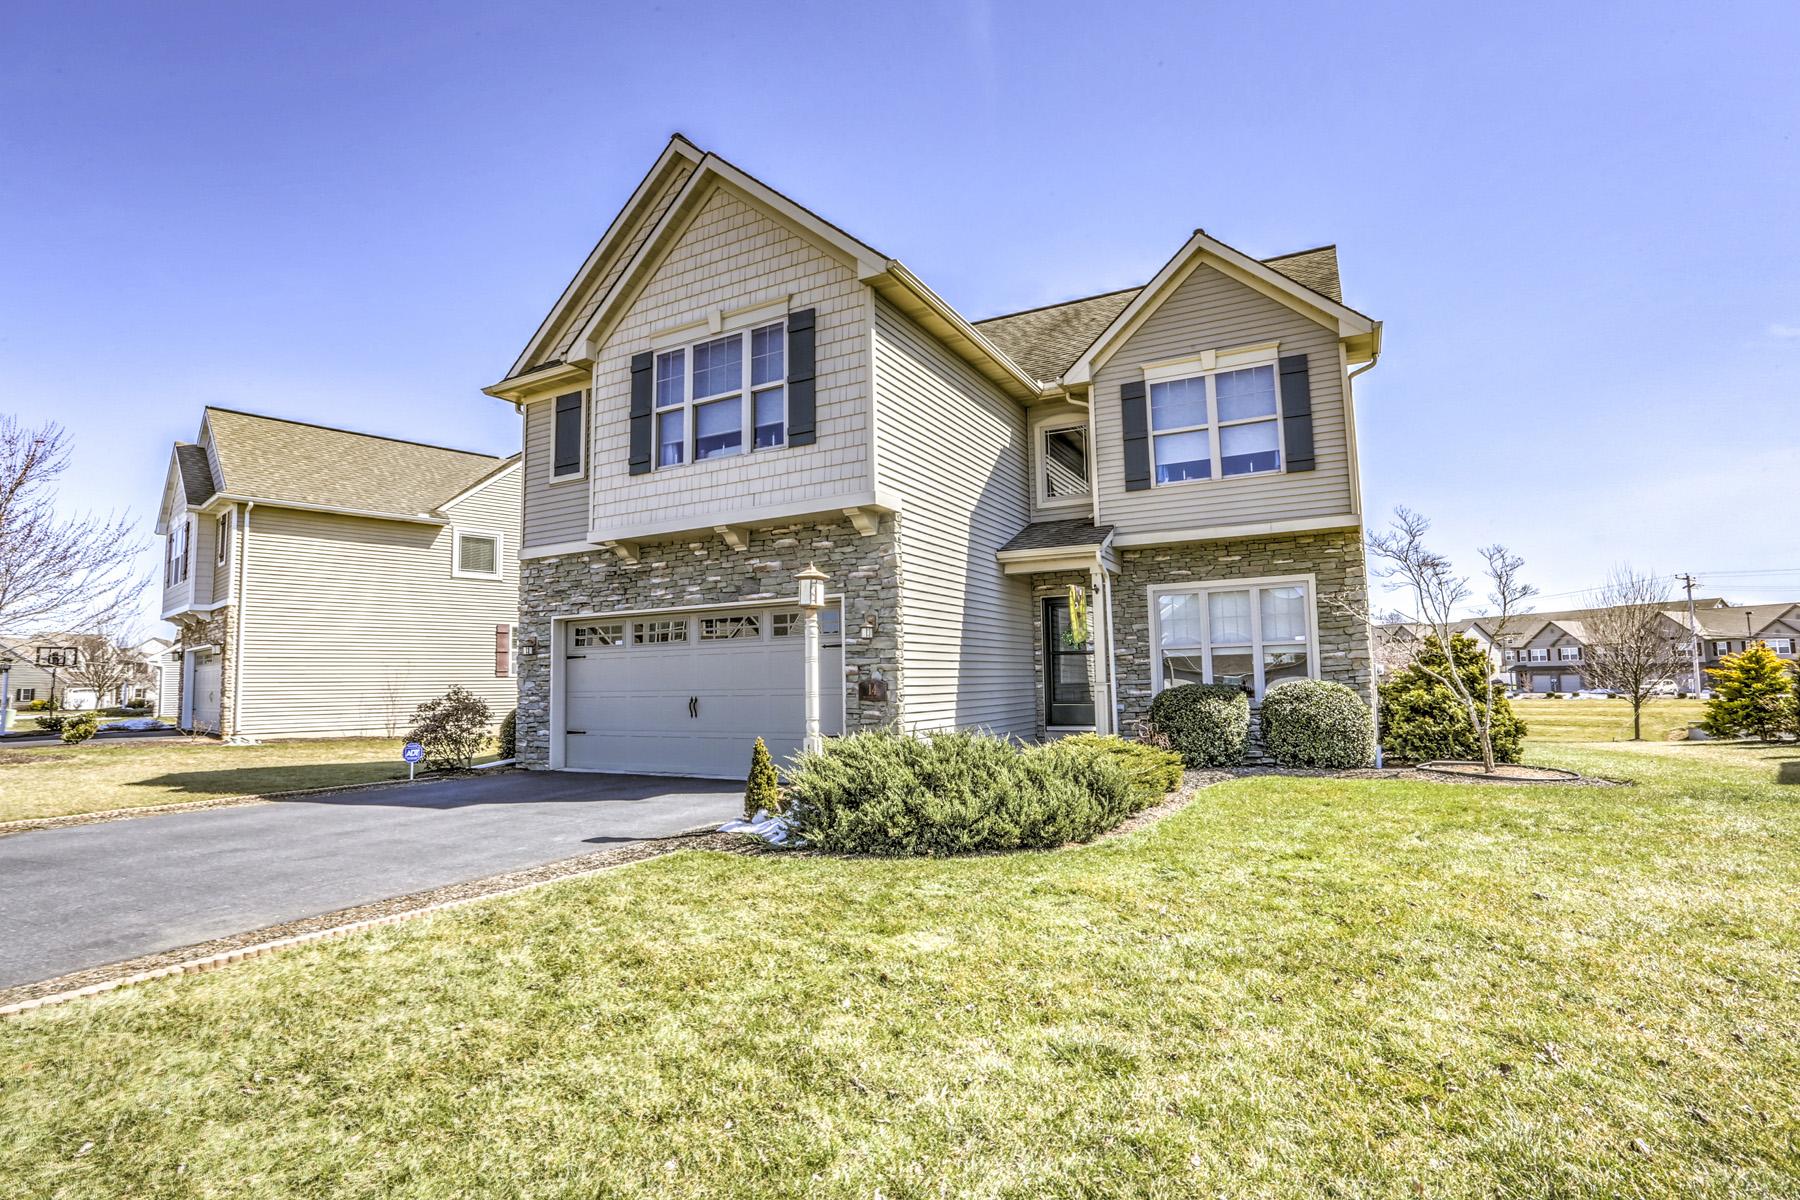 独户住宅 为 销售 在 Clearview Gardens 14 Meadow Drive 埃弗拉塔, 宾夕法尼亚州 17522 美国